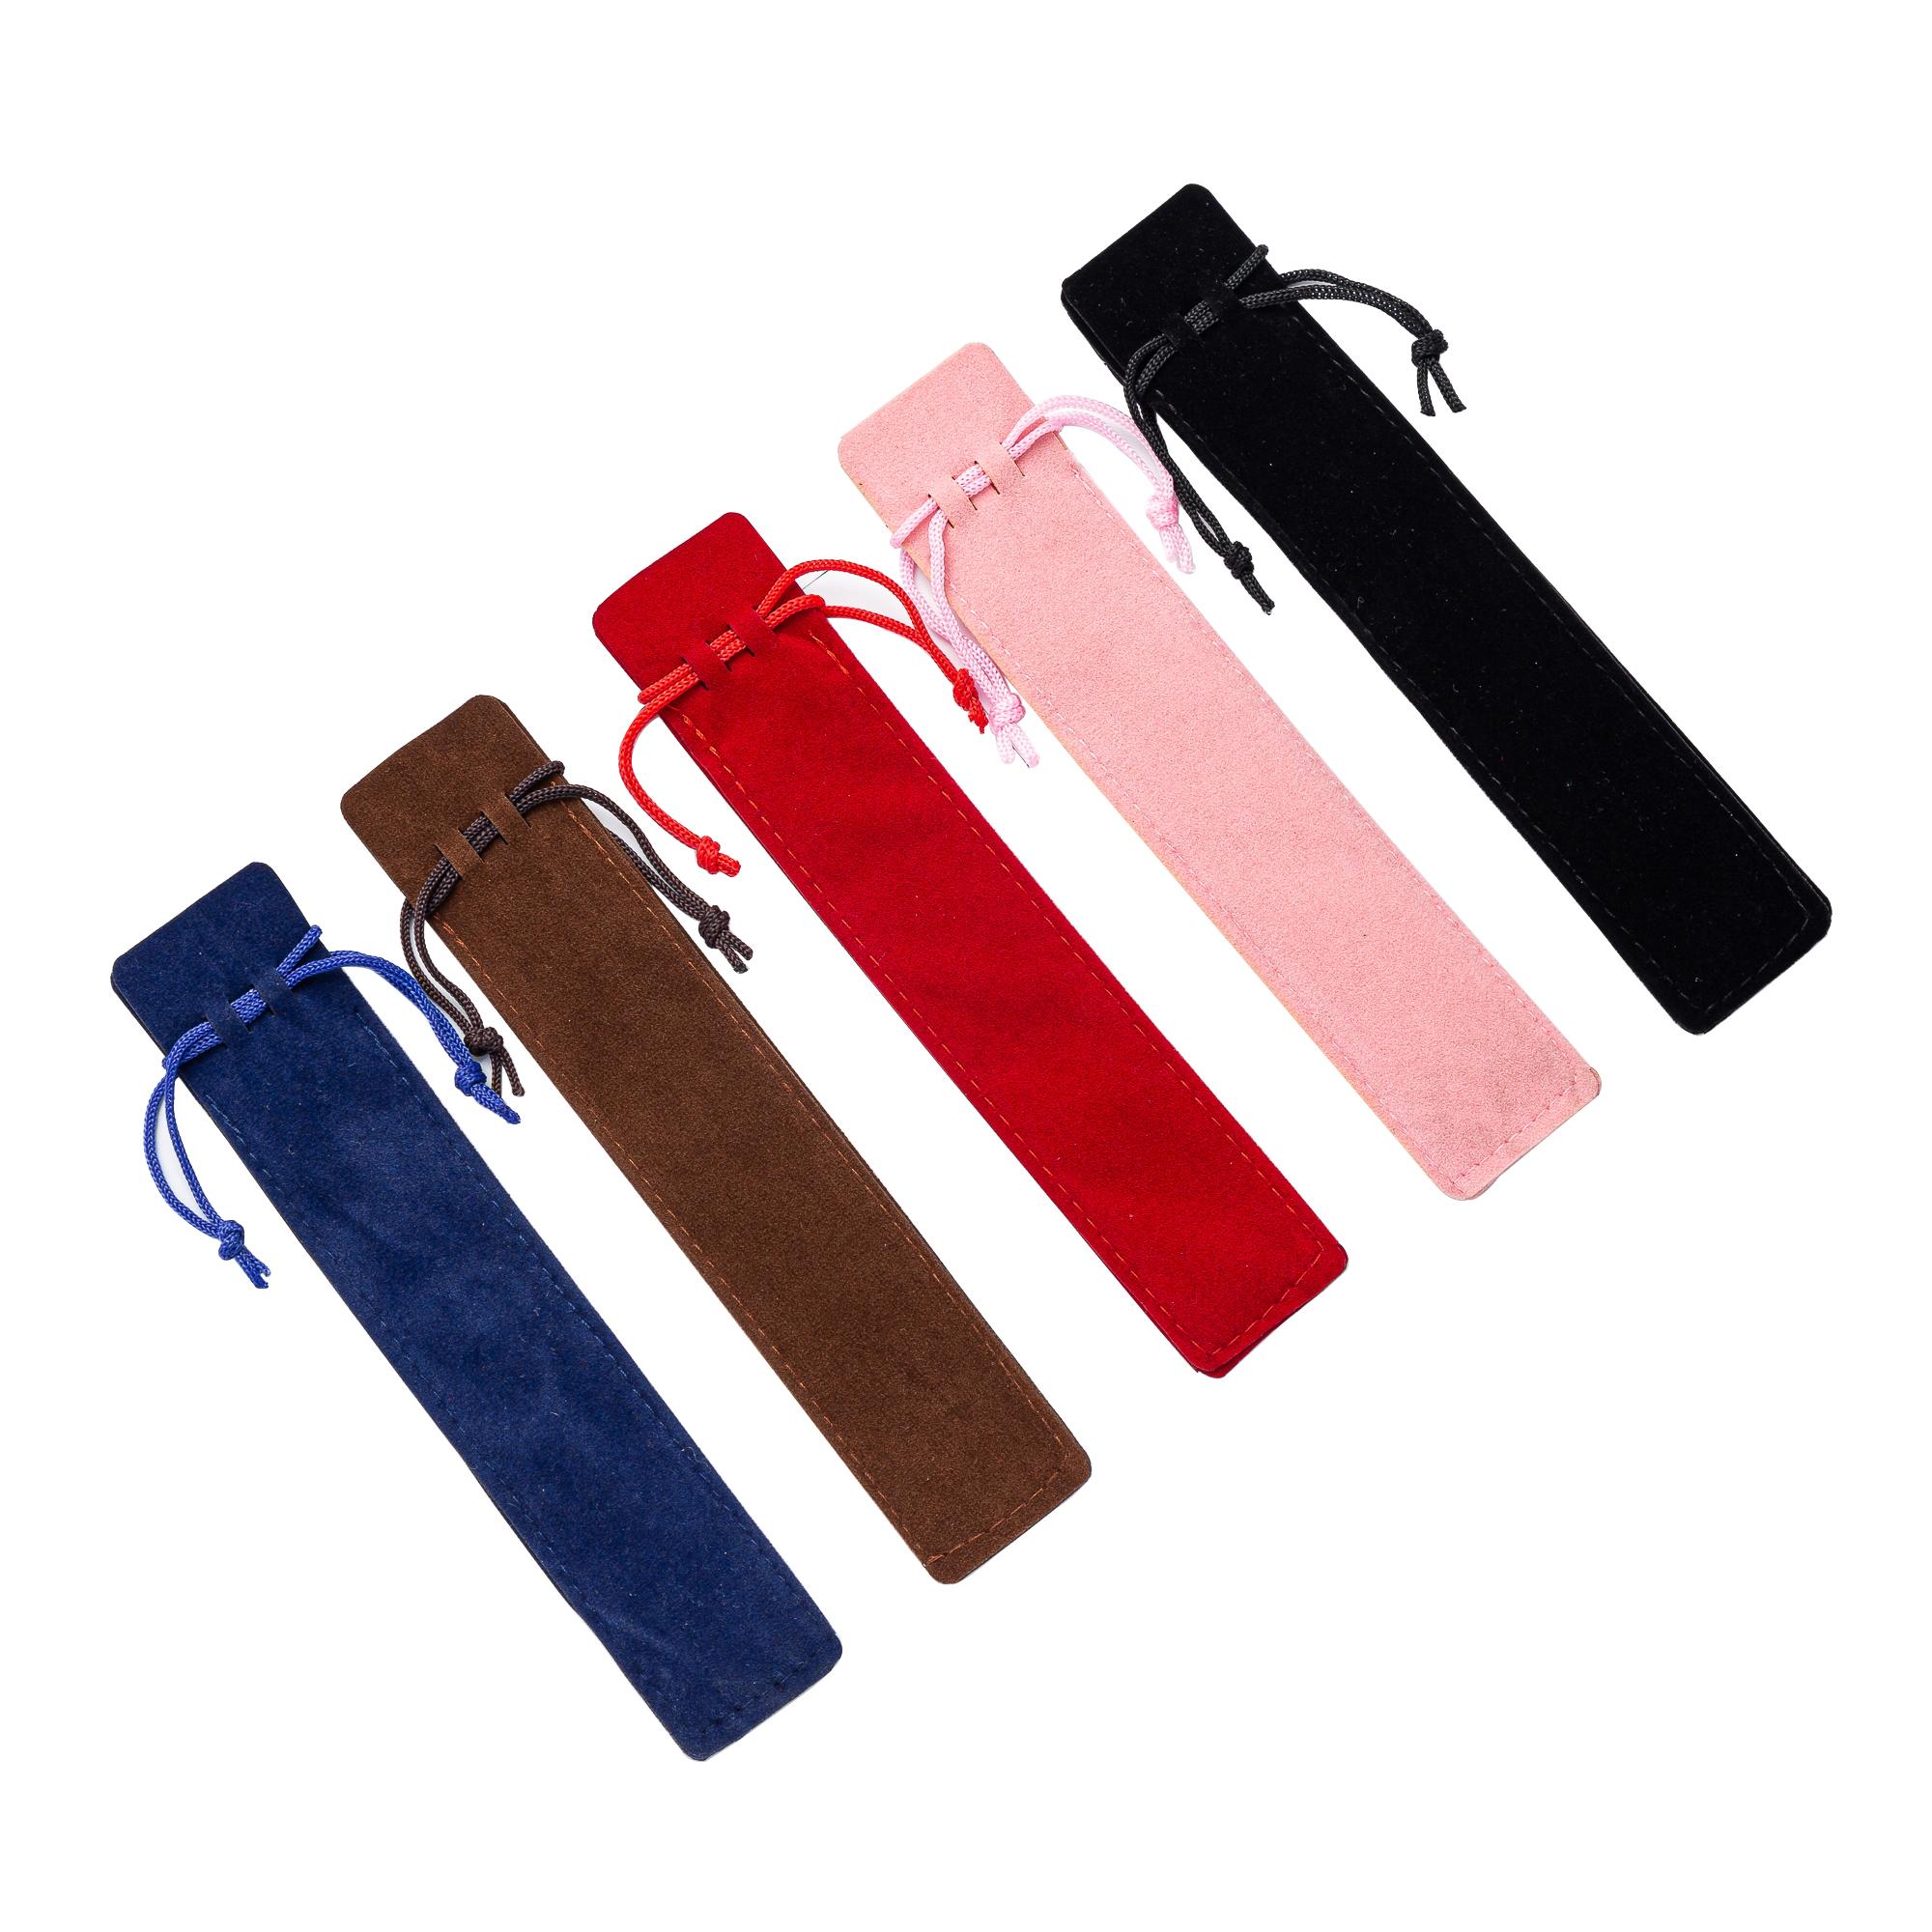 JH Promotional Black Velvet Pen Bag Sleeve Velvet Drawstring Pouch